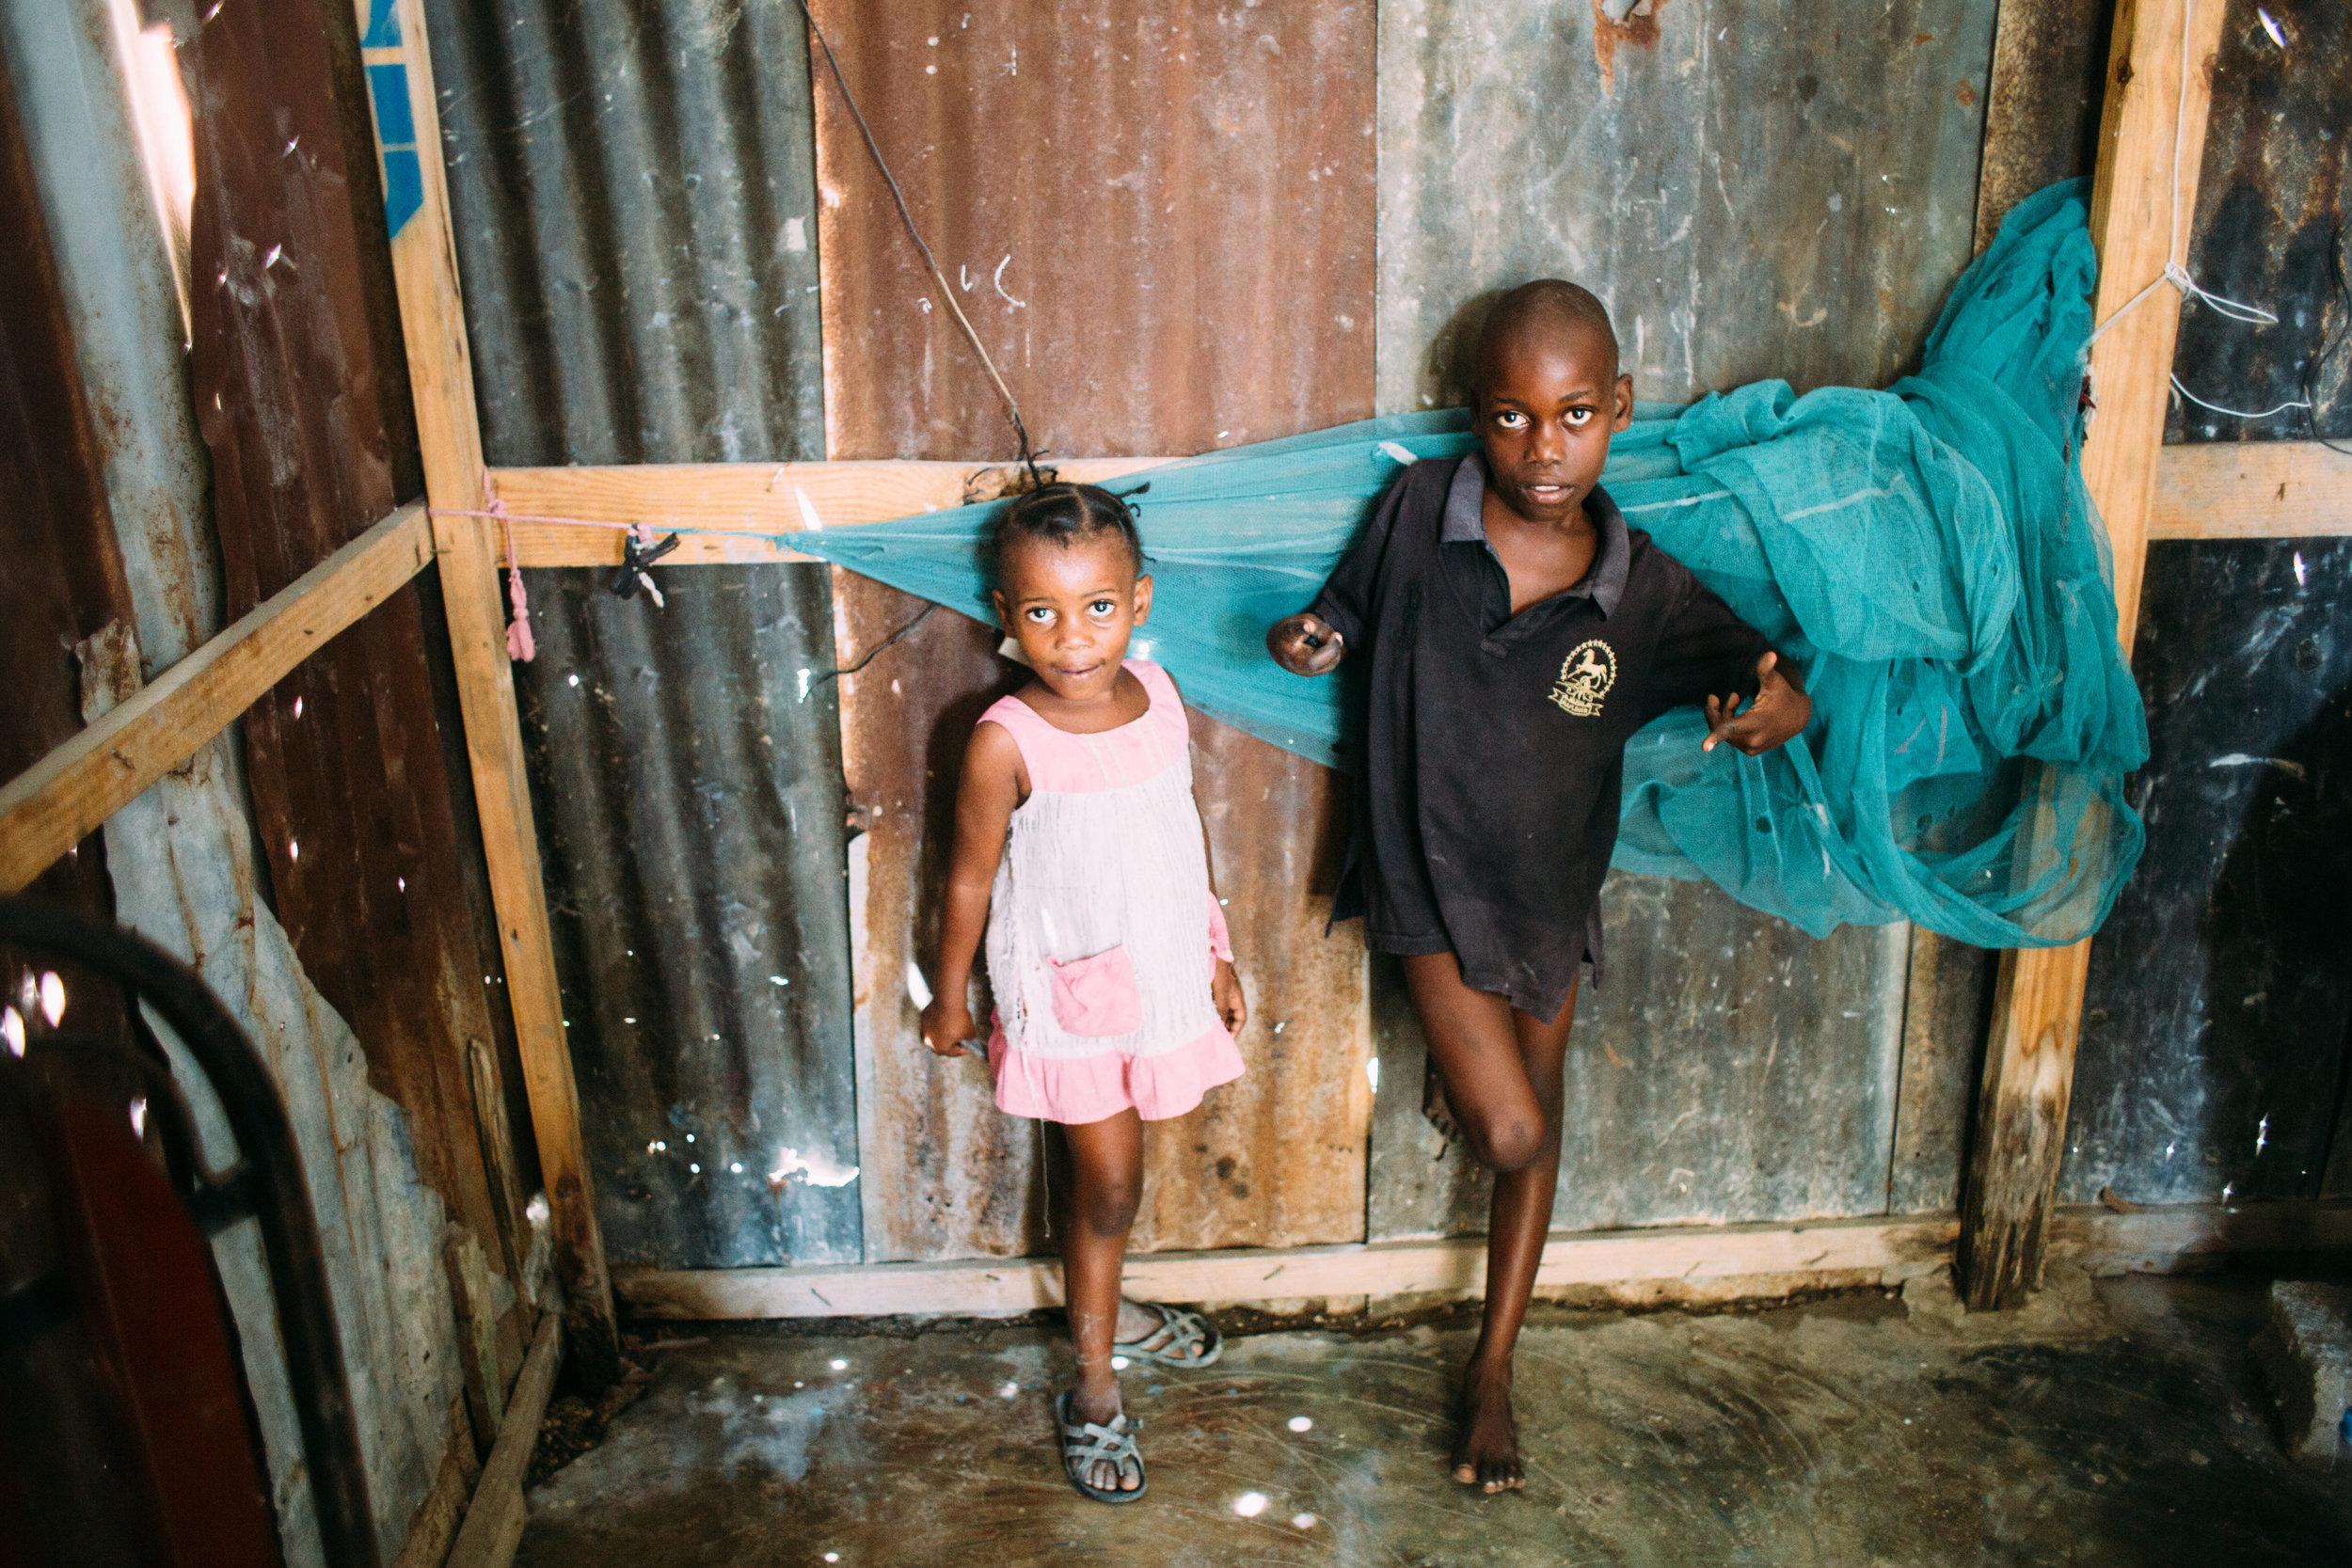 Haiti 2016-Cite Soliel 1-0310.jpg